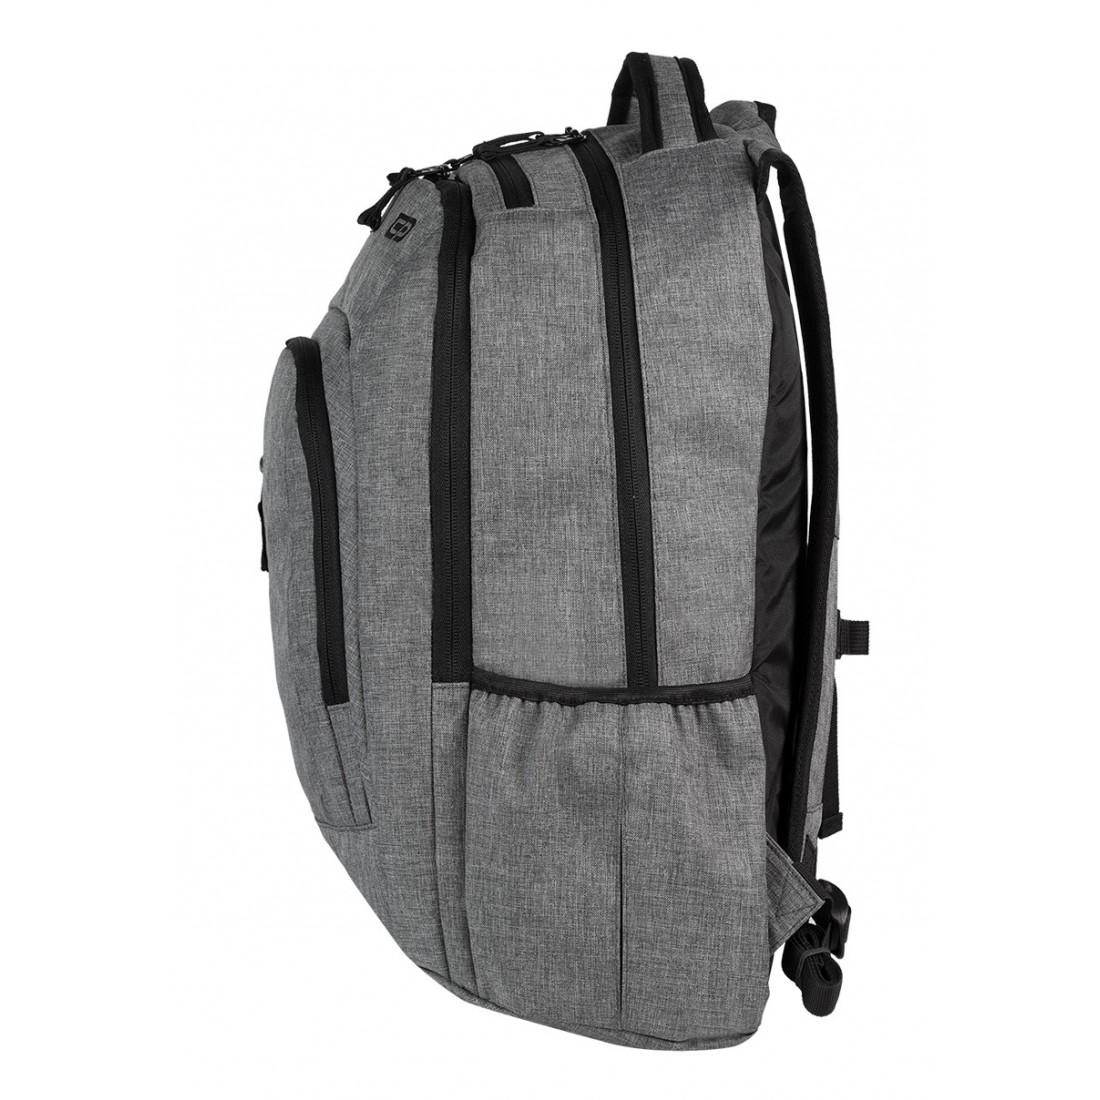 Plecak młodzieżowy CoolPack CP Mercator Snow Grey dla chłopaka - plecak-tornister.pl